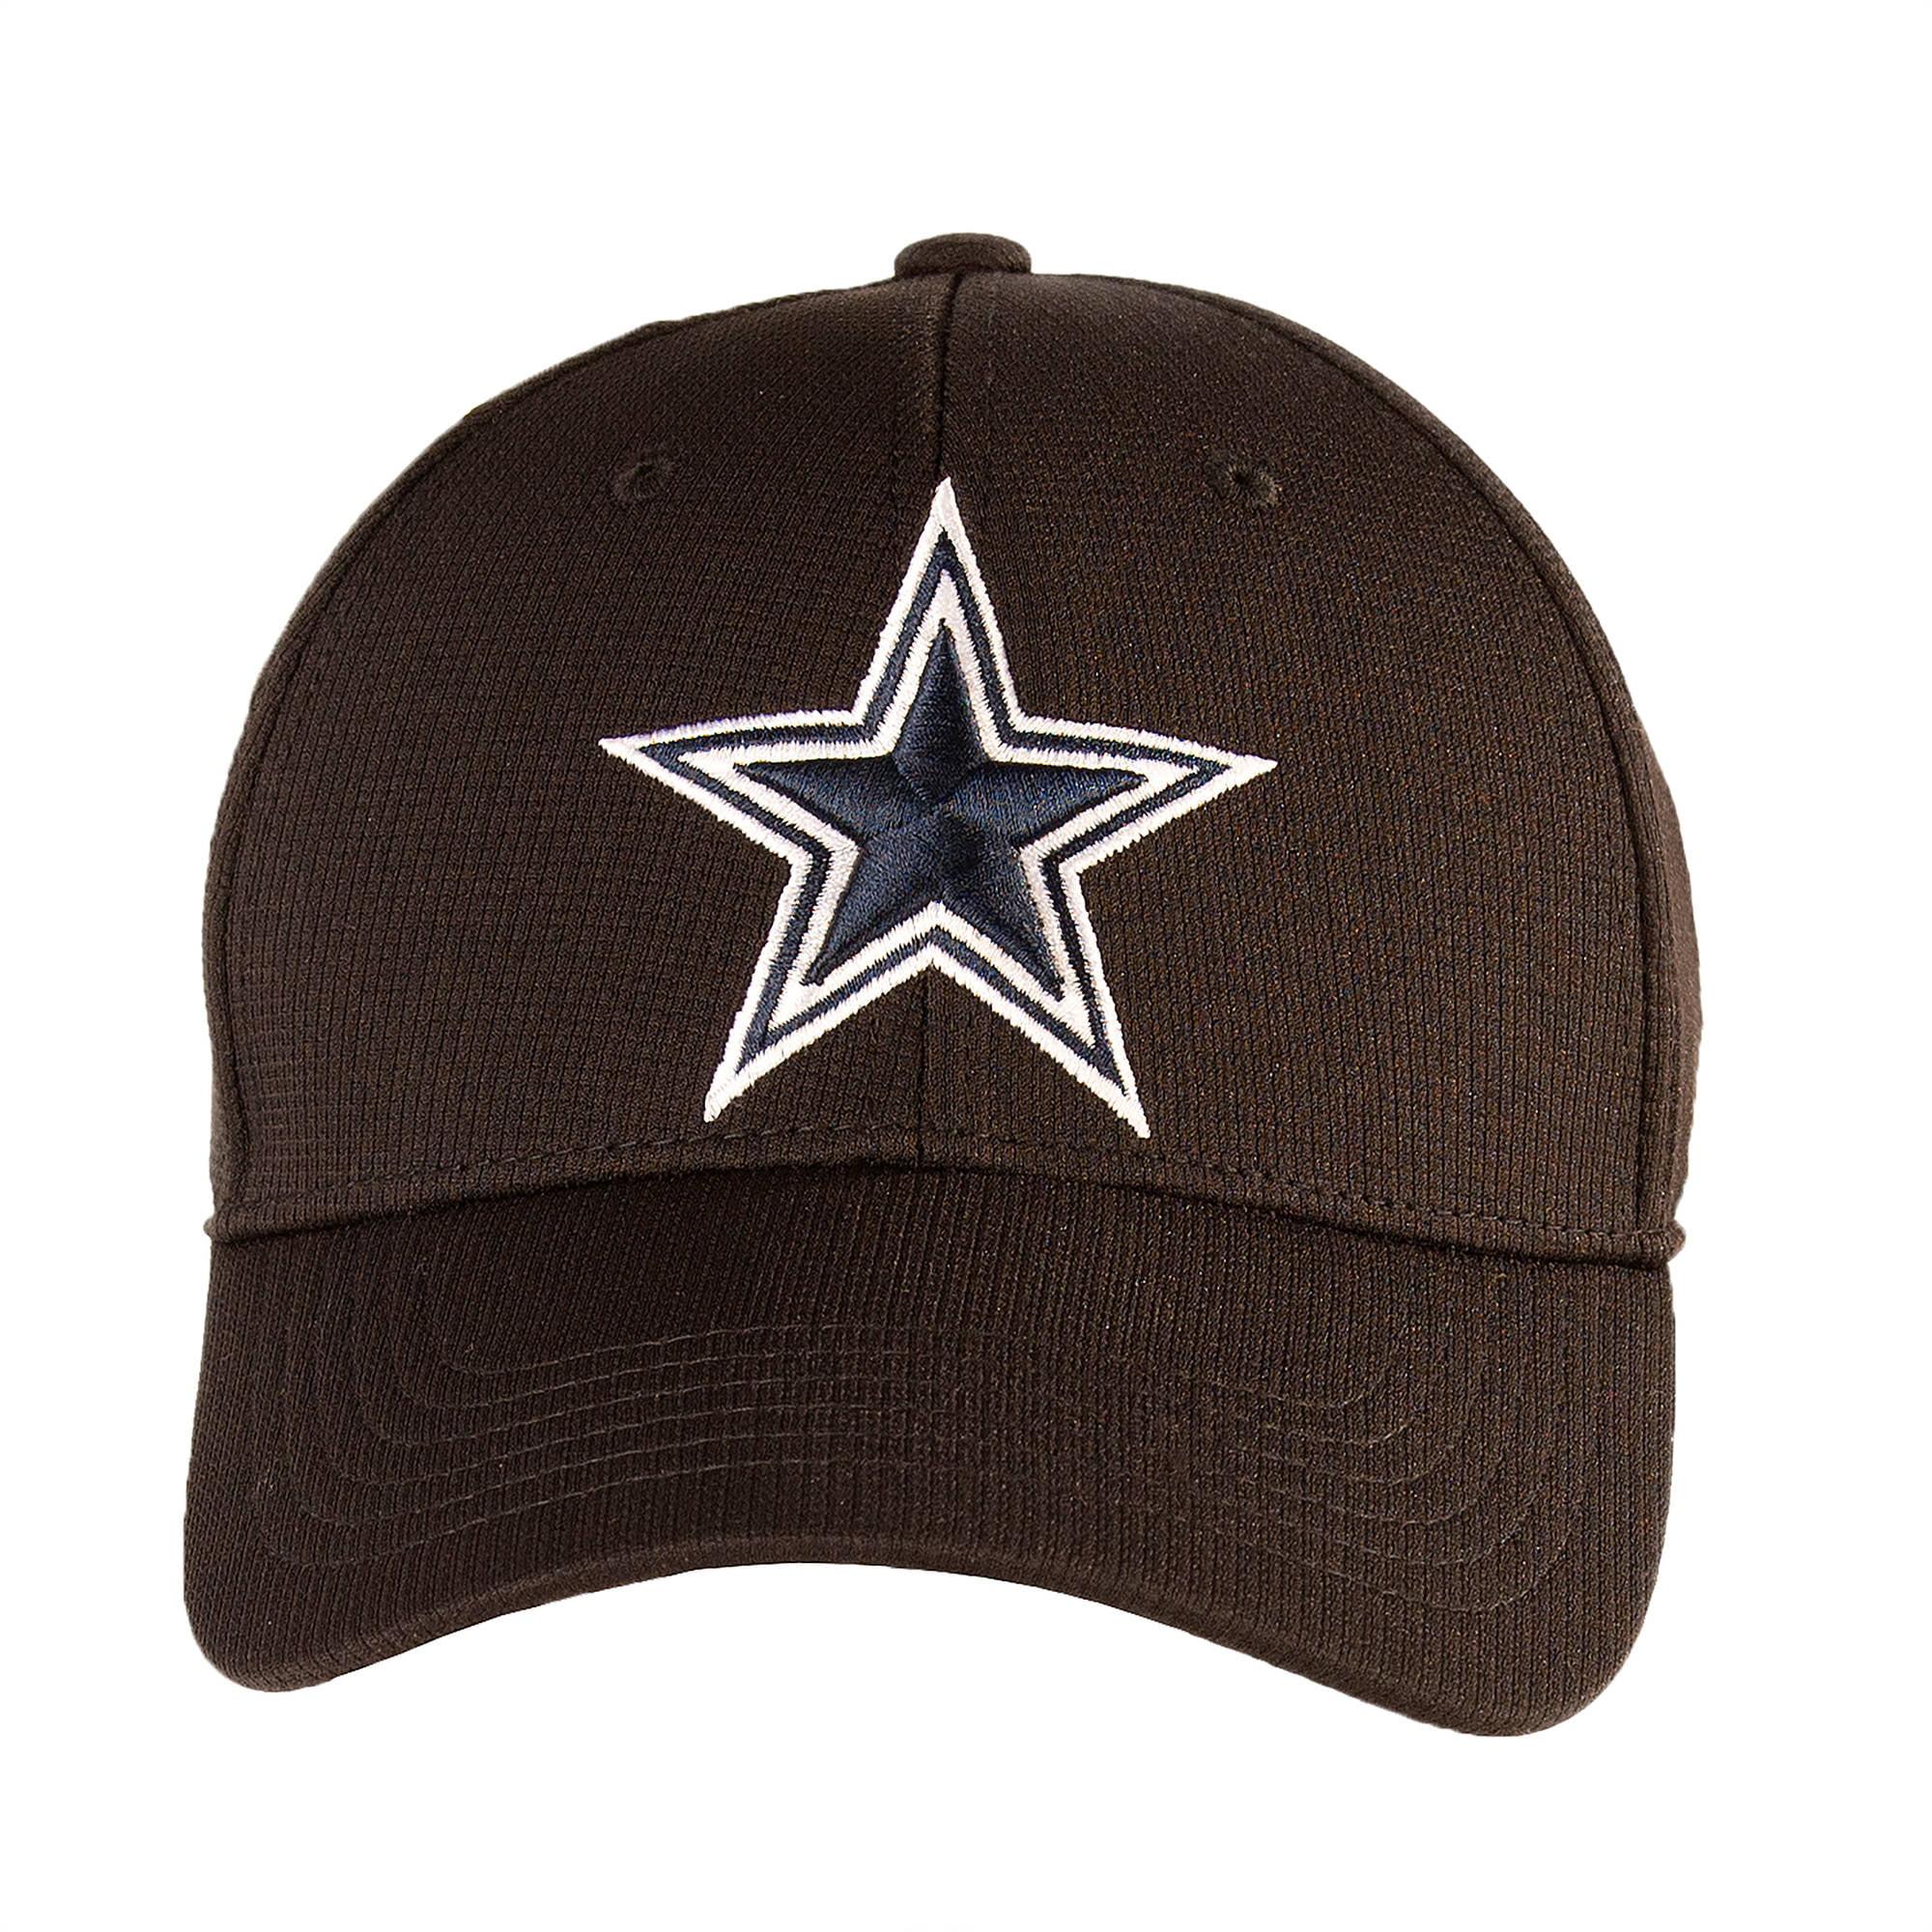 NFL Dallas Cowboys Dixon Performance Flex Fit Cap